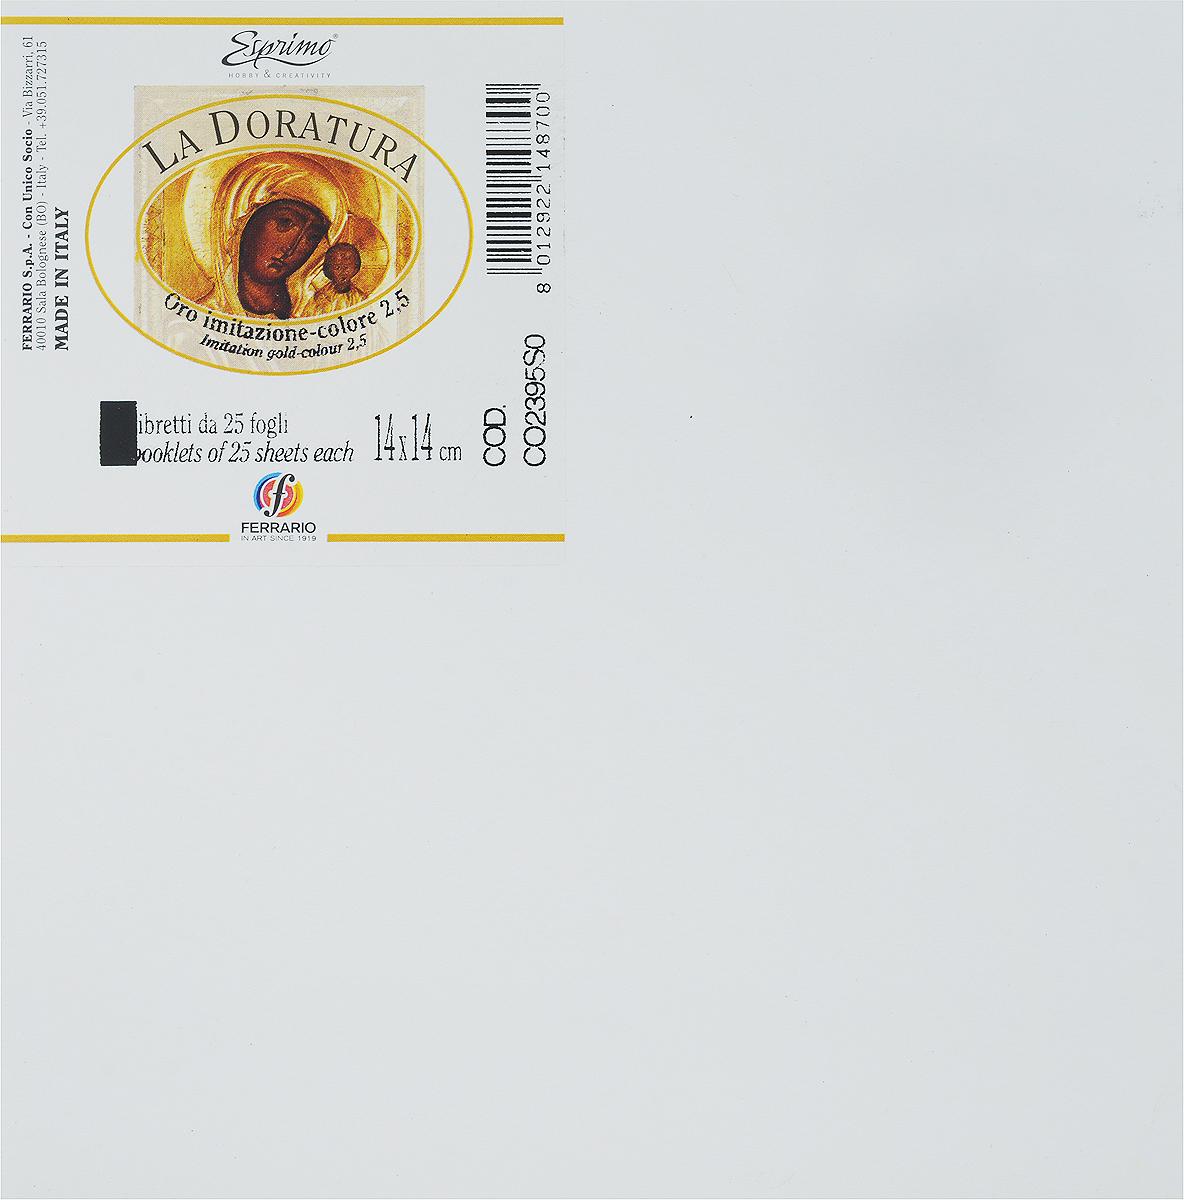 Ferrario Поталь для золочения в листах CO2395SOCO2395SOПоталь серии LA DORATURA итальянской компании Ferrario – это имитация сусального золота, серебра или меди, которая применяется для декорирования мебели и различных предметов интерьера. Она используется как в профессиональном декорировании, так и в любительском творчестве. Поталь в листах с имитацией золота представляет собой металлическую фольгу золотого цвета. Может применяться для золочения предметов с различной поверхностью: дерево, керамика, стекло, картон, гипс и другие. Разрезать листы потали необходимо специальными острыми стальными ножами, иначе листы помнутся. Рекомендуется как можно меньше дотрагиваться до листов руками и использовать специальные инструменты и аксессуары для золочения. Поталь 14х14см. 25 листов.